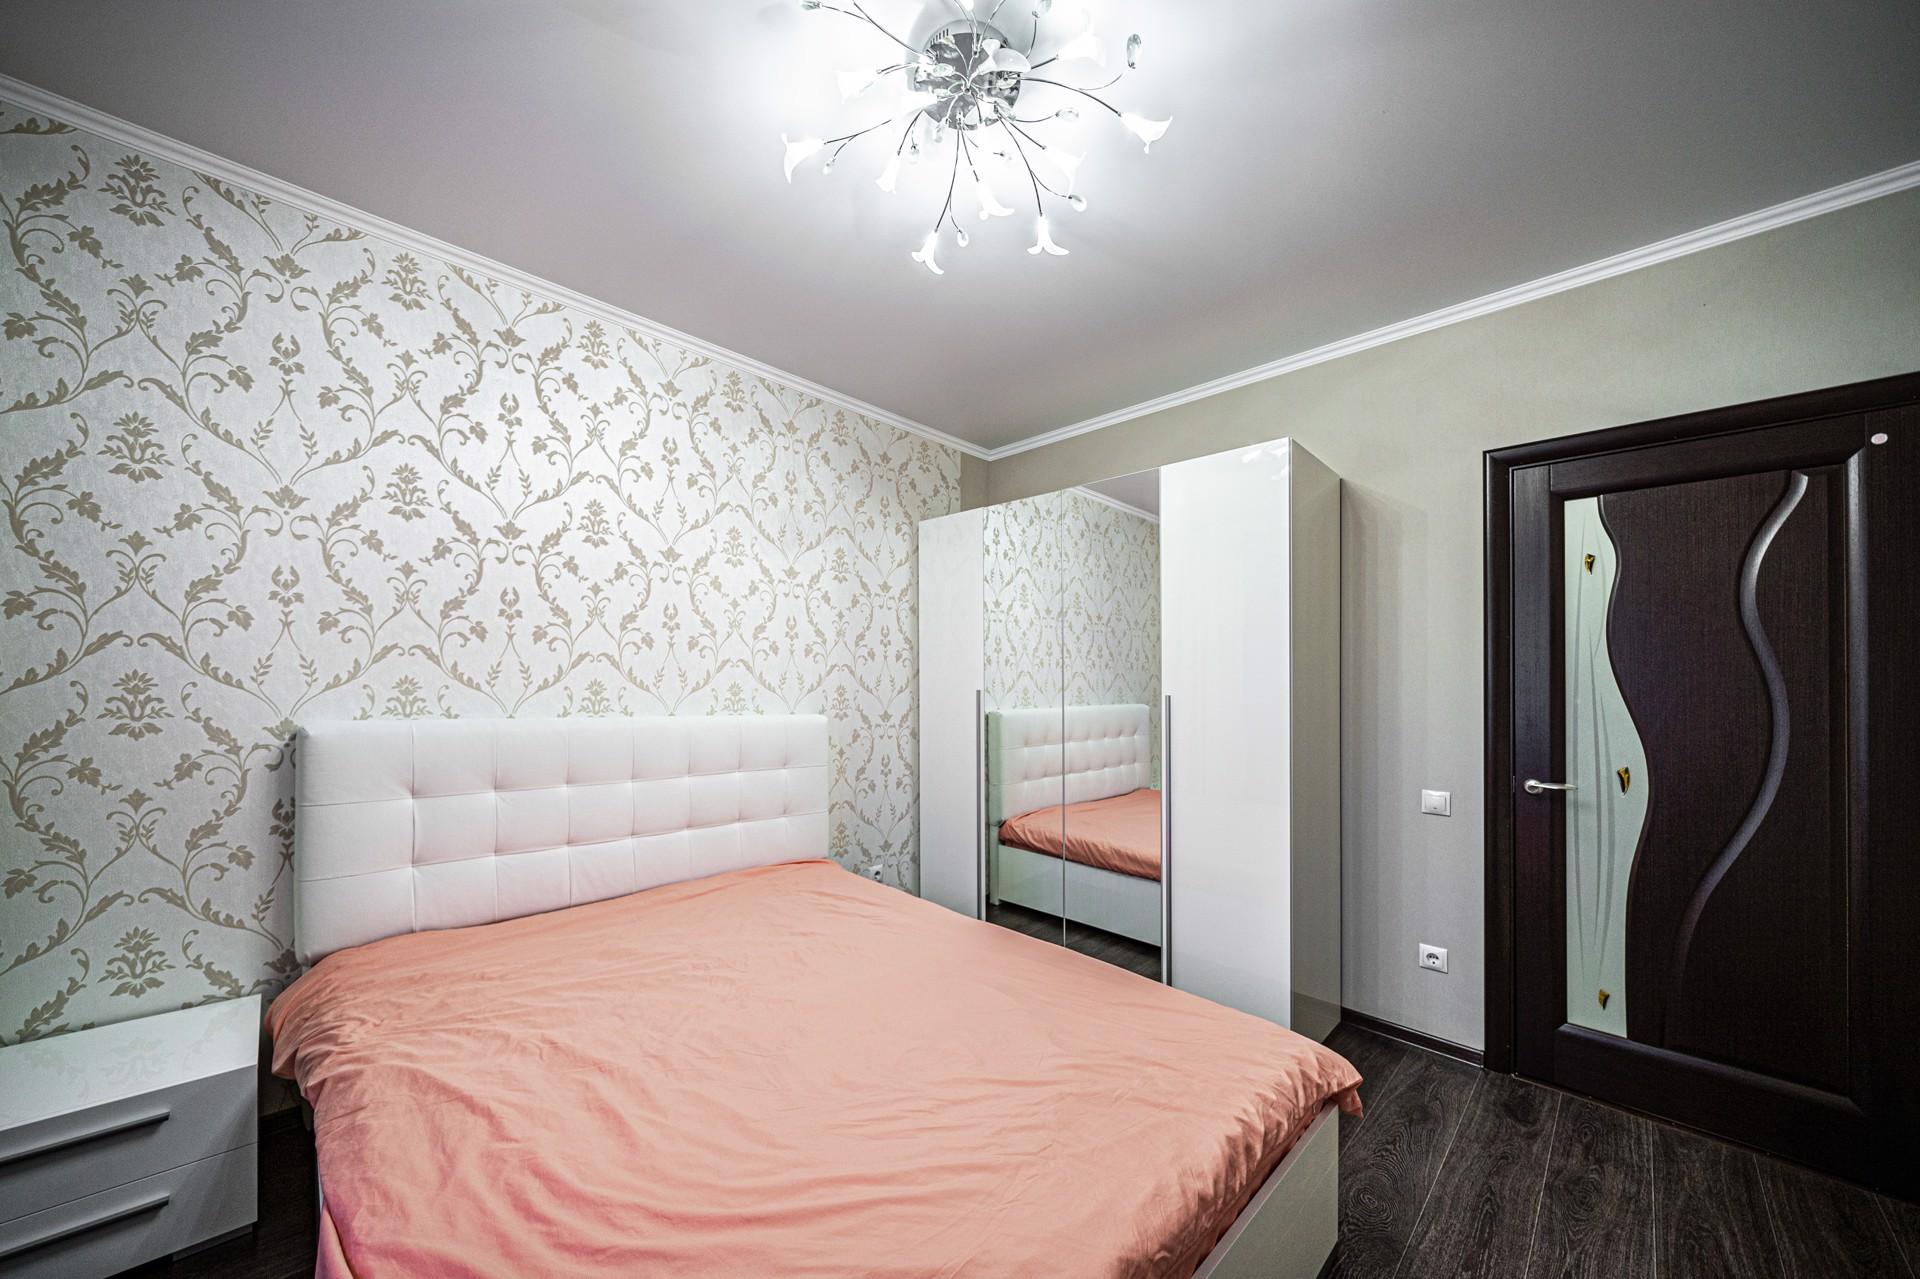 Продажа 2-к квартиры, Липецк, улица Юных Натуралистов, 13, 52 м², 3650000 ₽